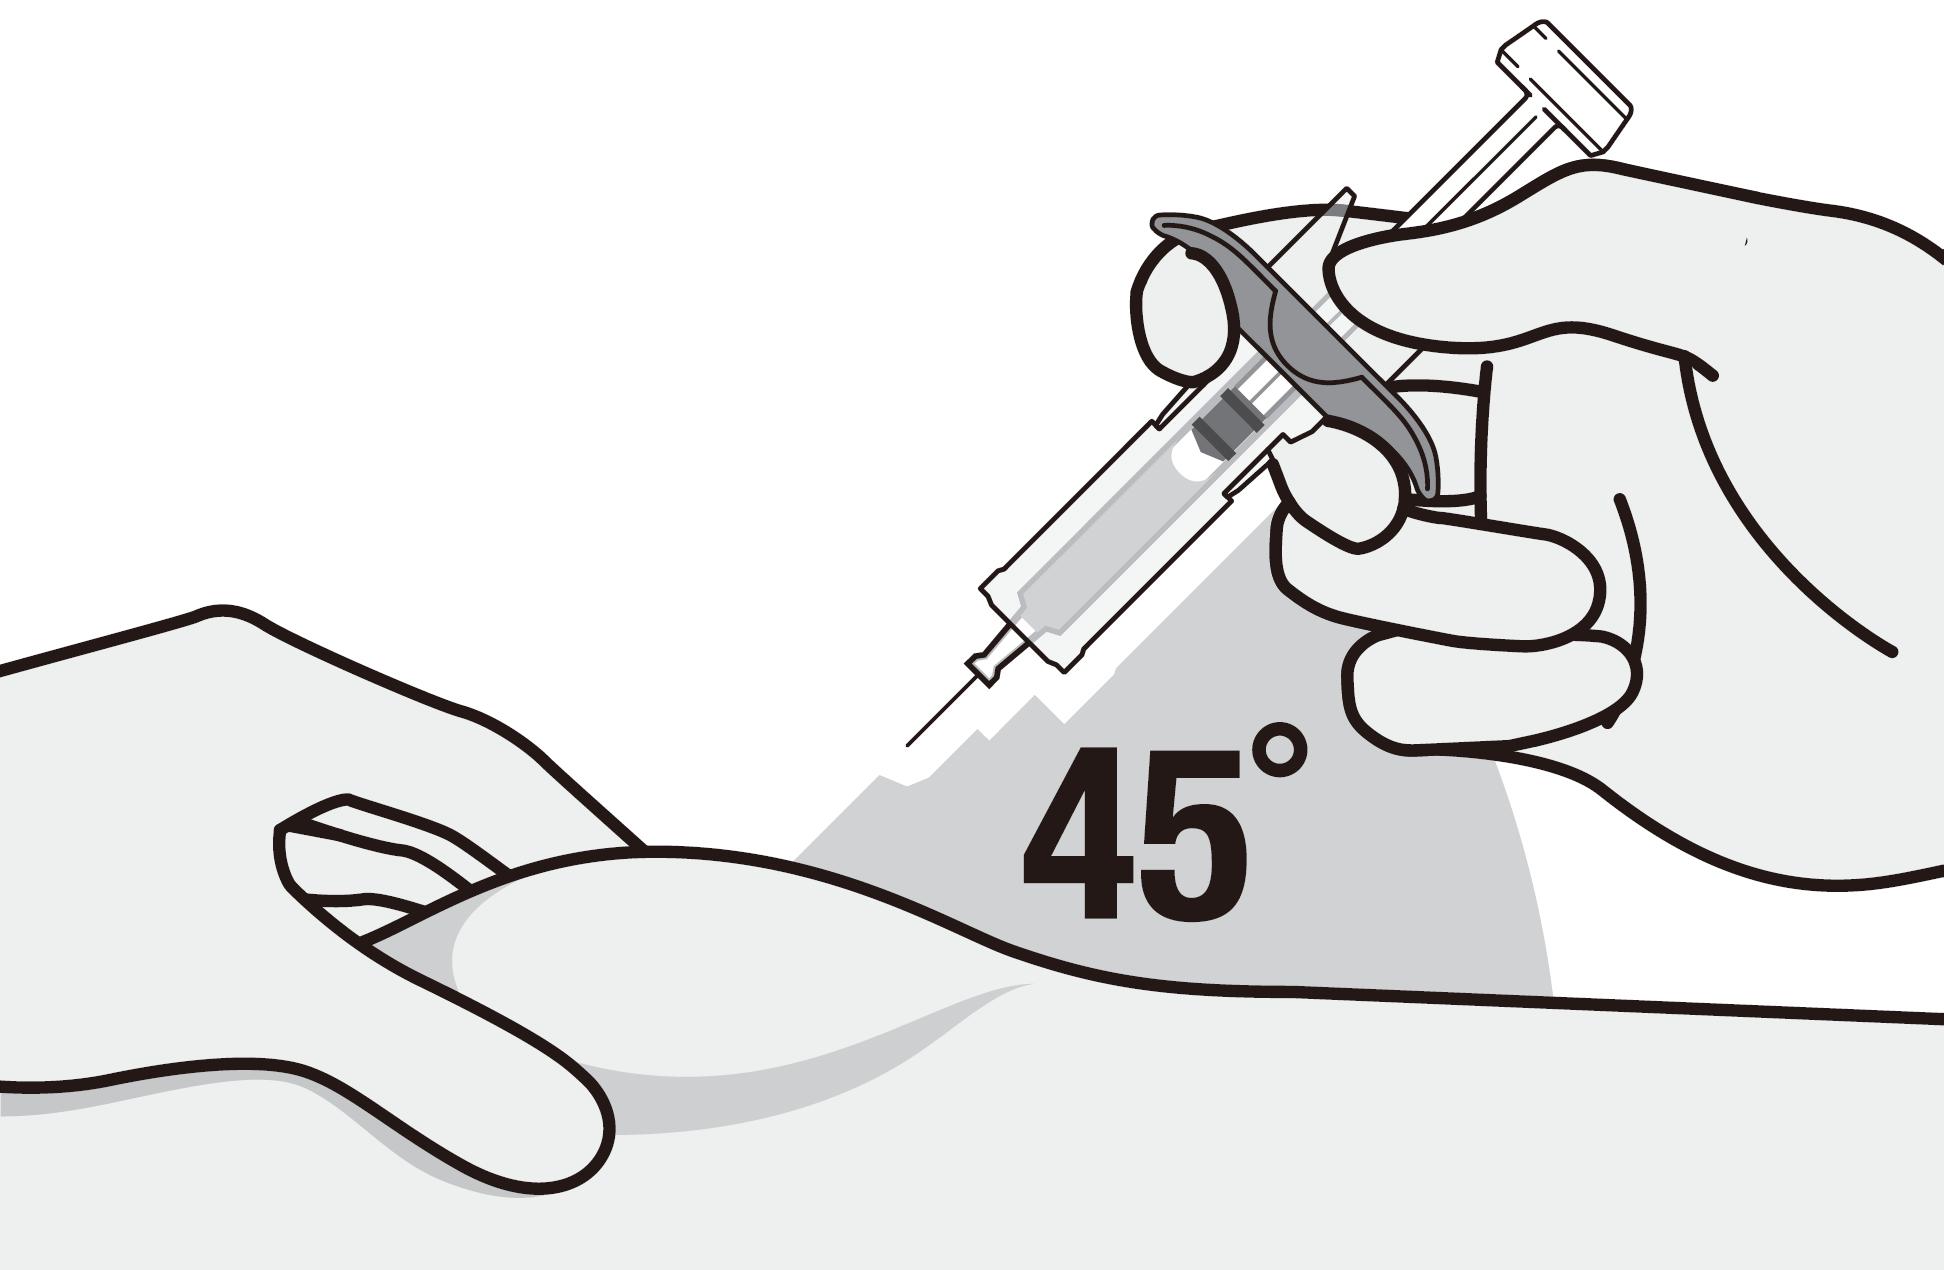 Tryck in nålen i injektionsstället